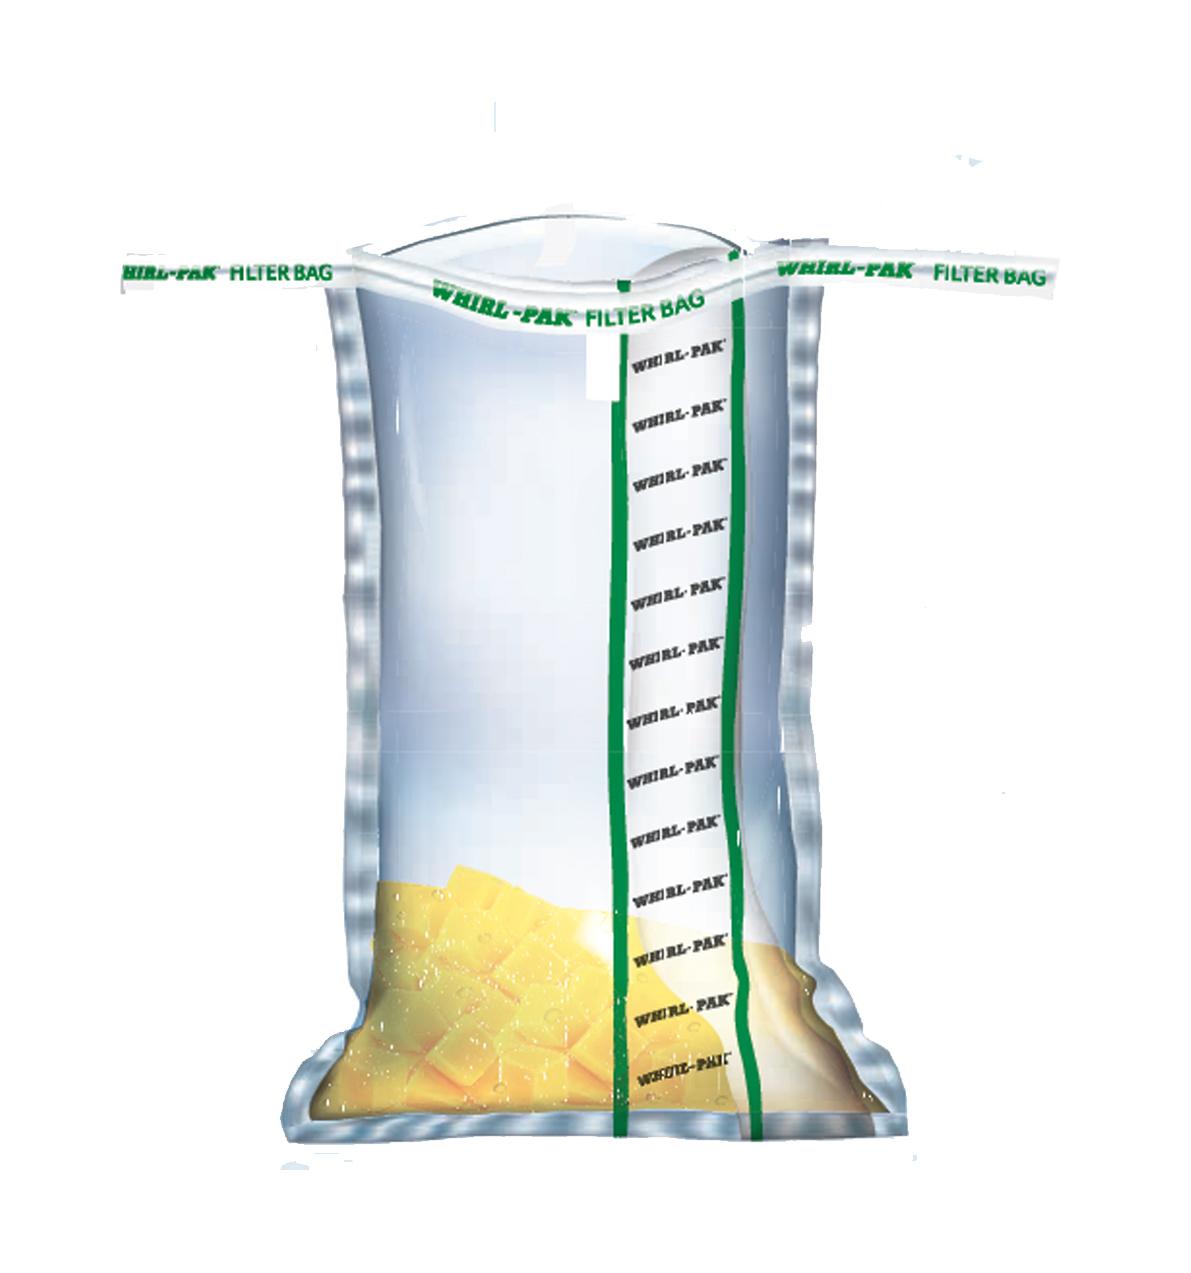 Стерильные пакеты для отбора проб Whirl-Pak с фильтром